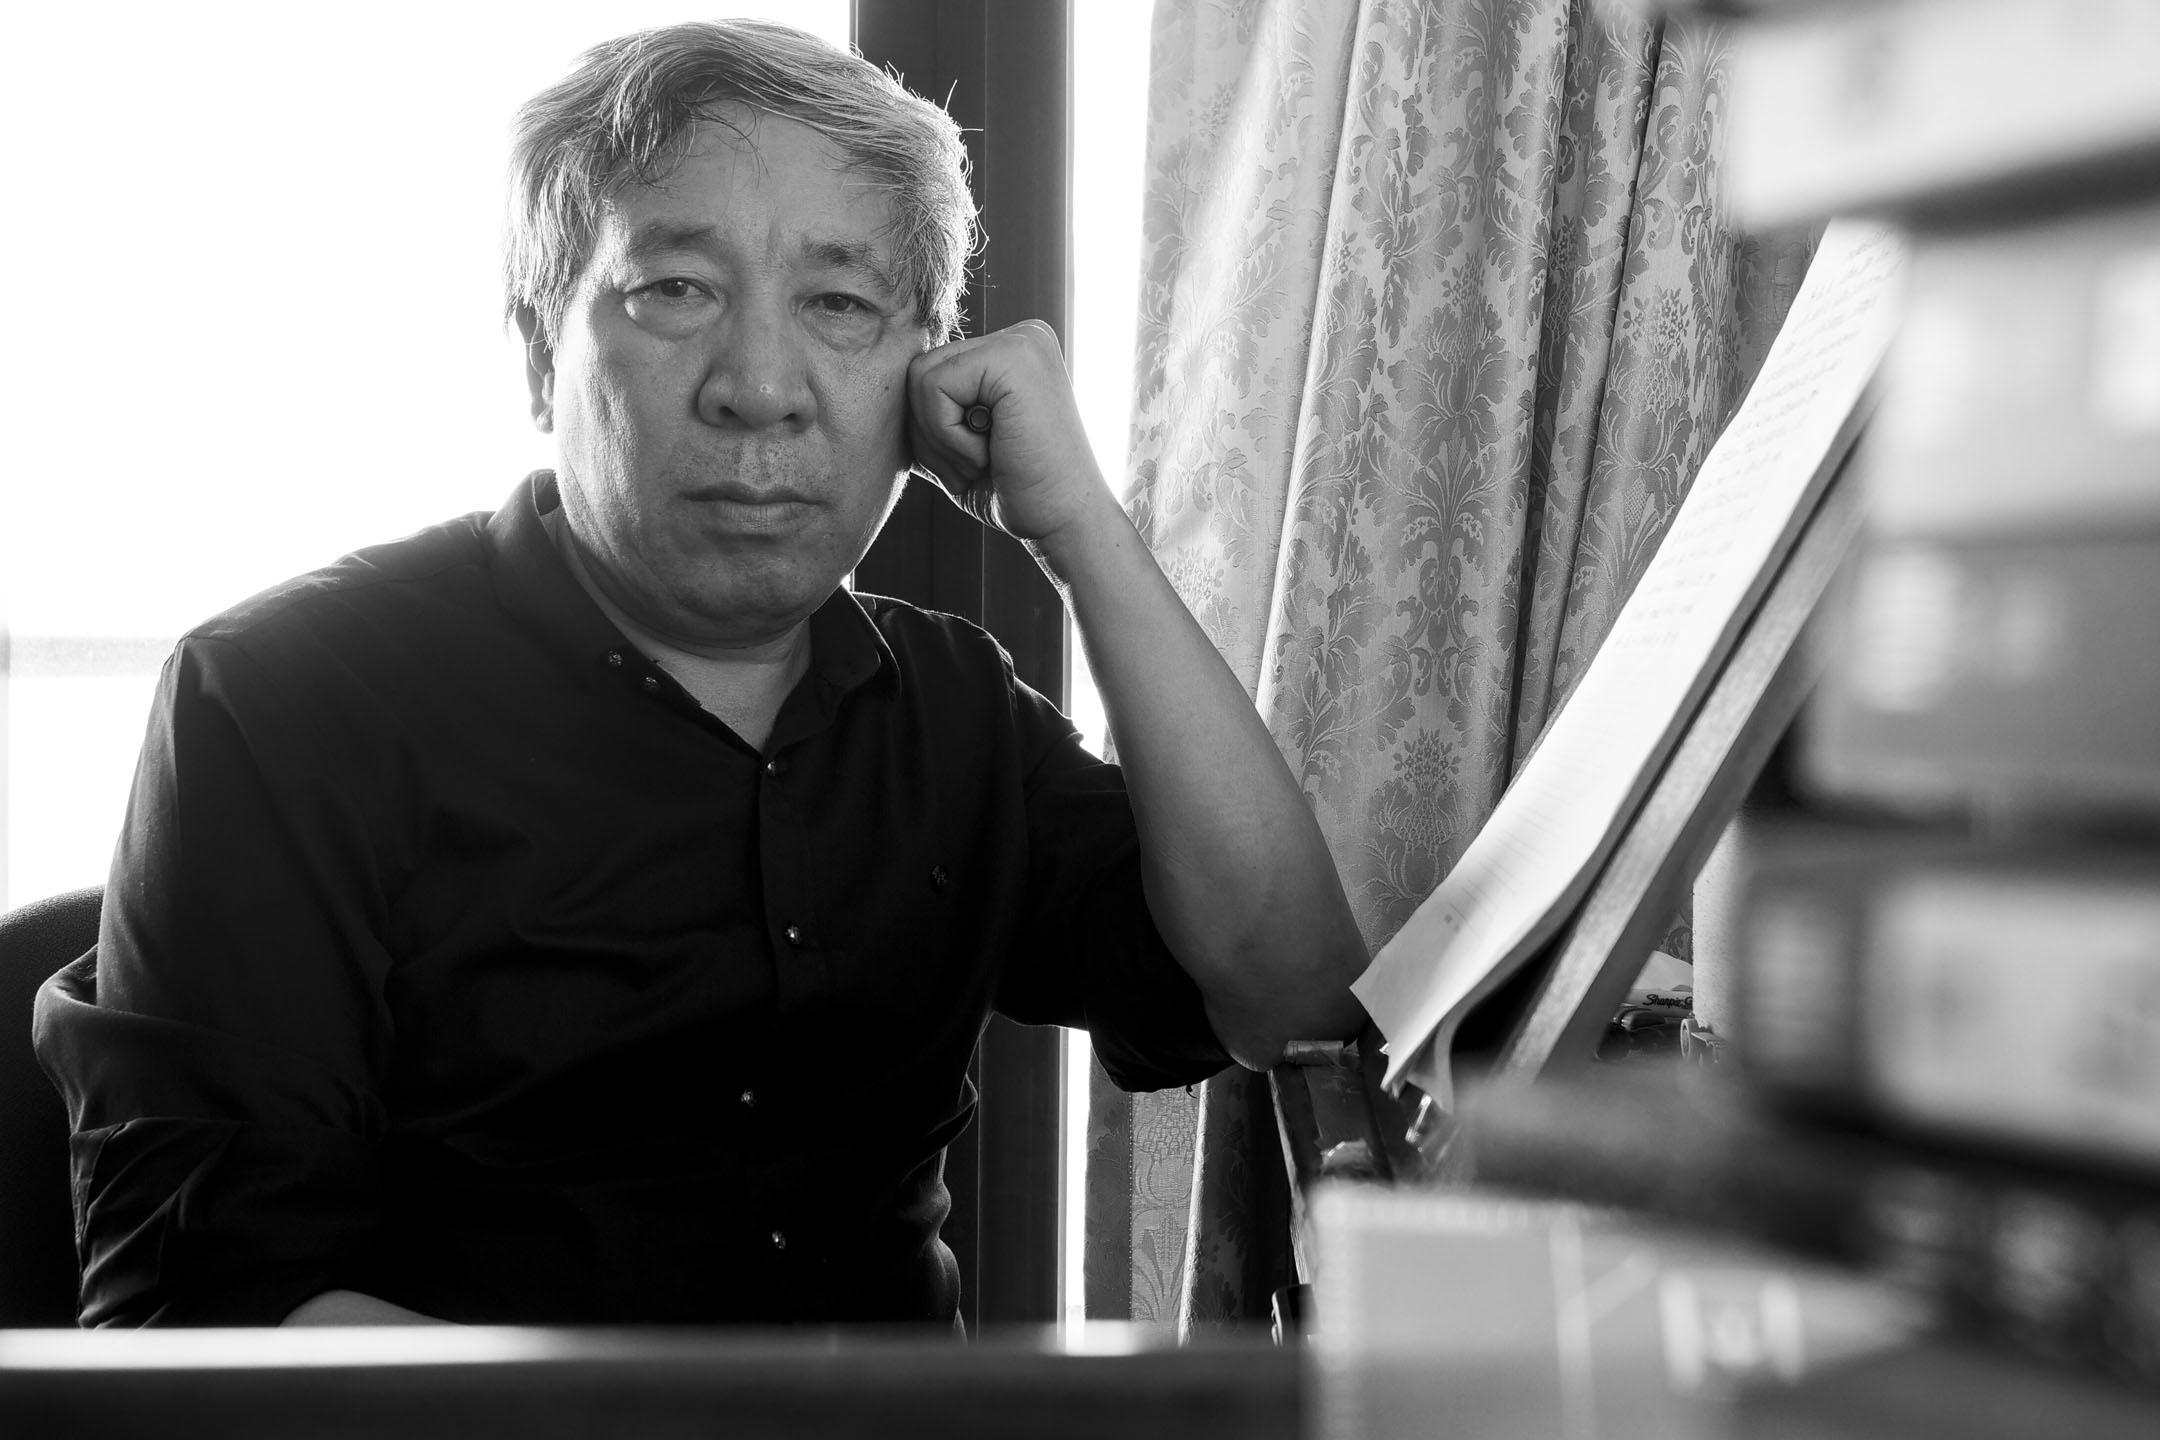 閻連科被稱作「荒誕現實主義大師」,是華人世界首位卡夫卡文學獎獲得者,曾三次提名國際布克獎長名單,也被視為下一位最有可能獲得諾貝爾文學獎的中國作家。 攝影:張華東